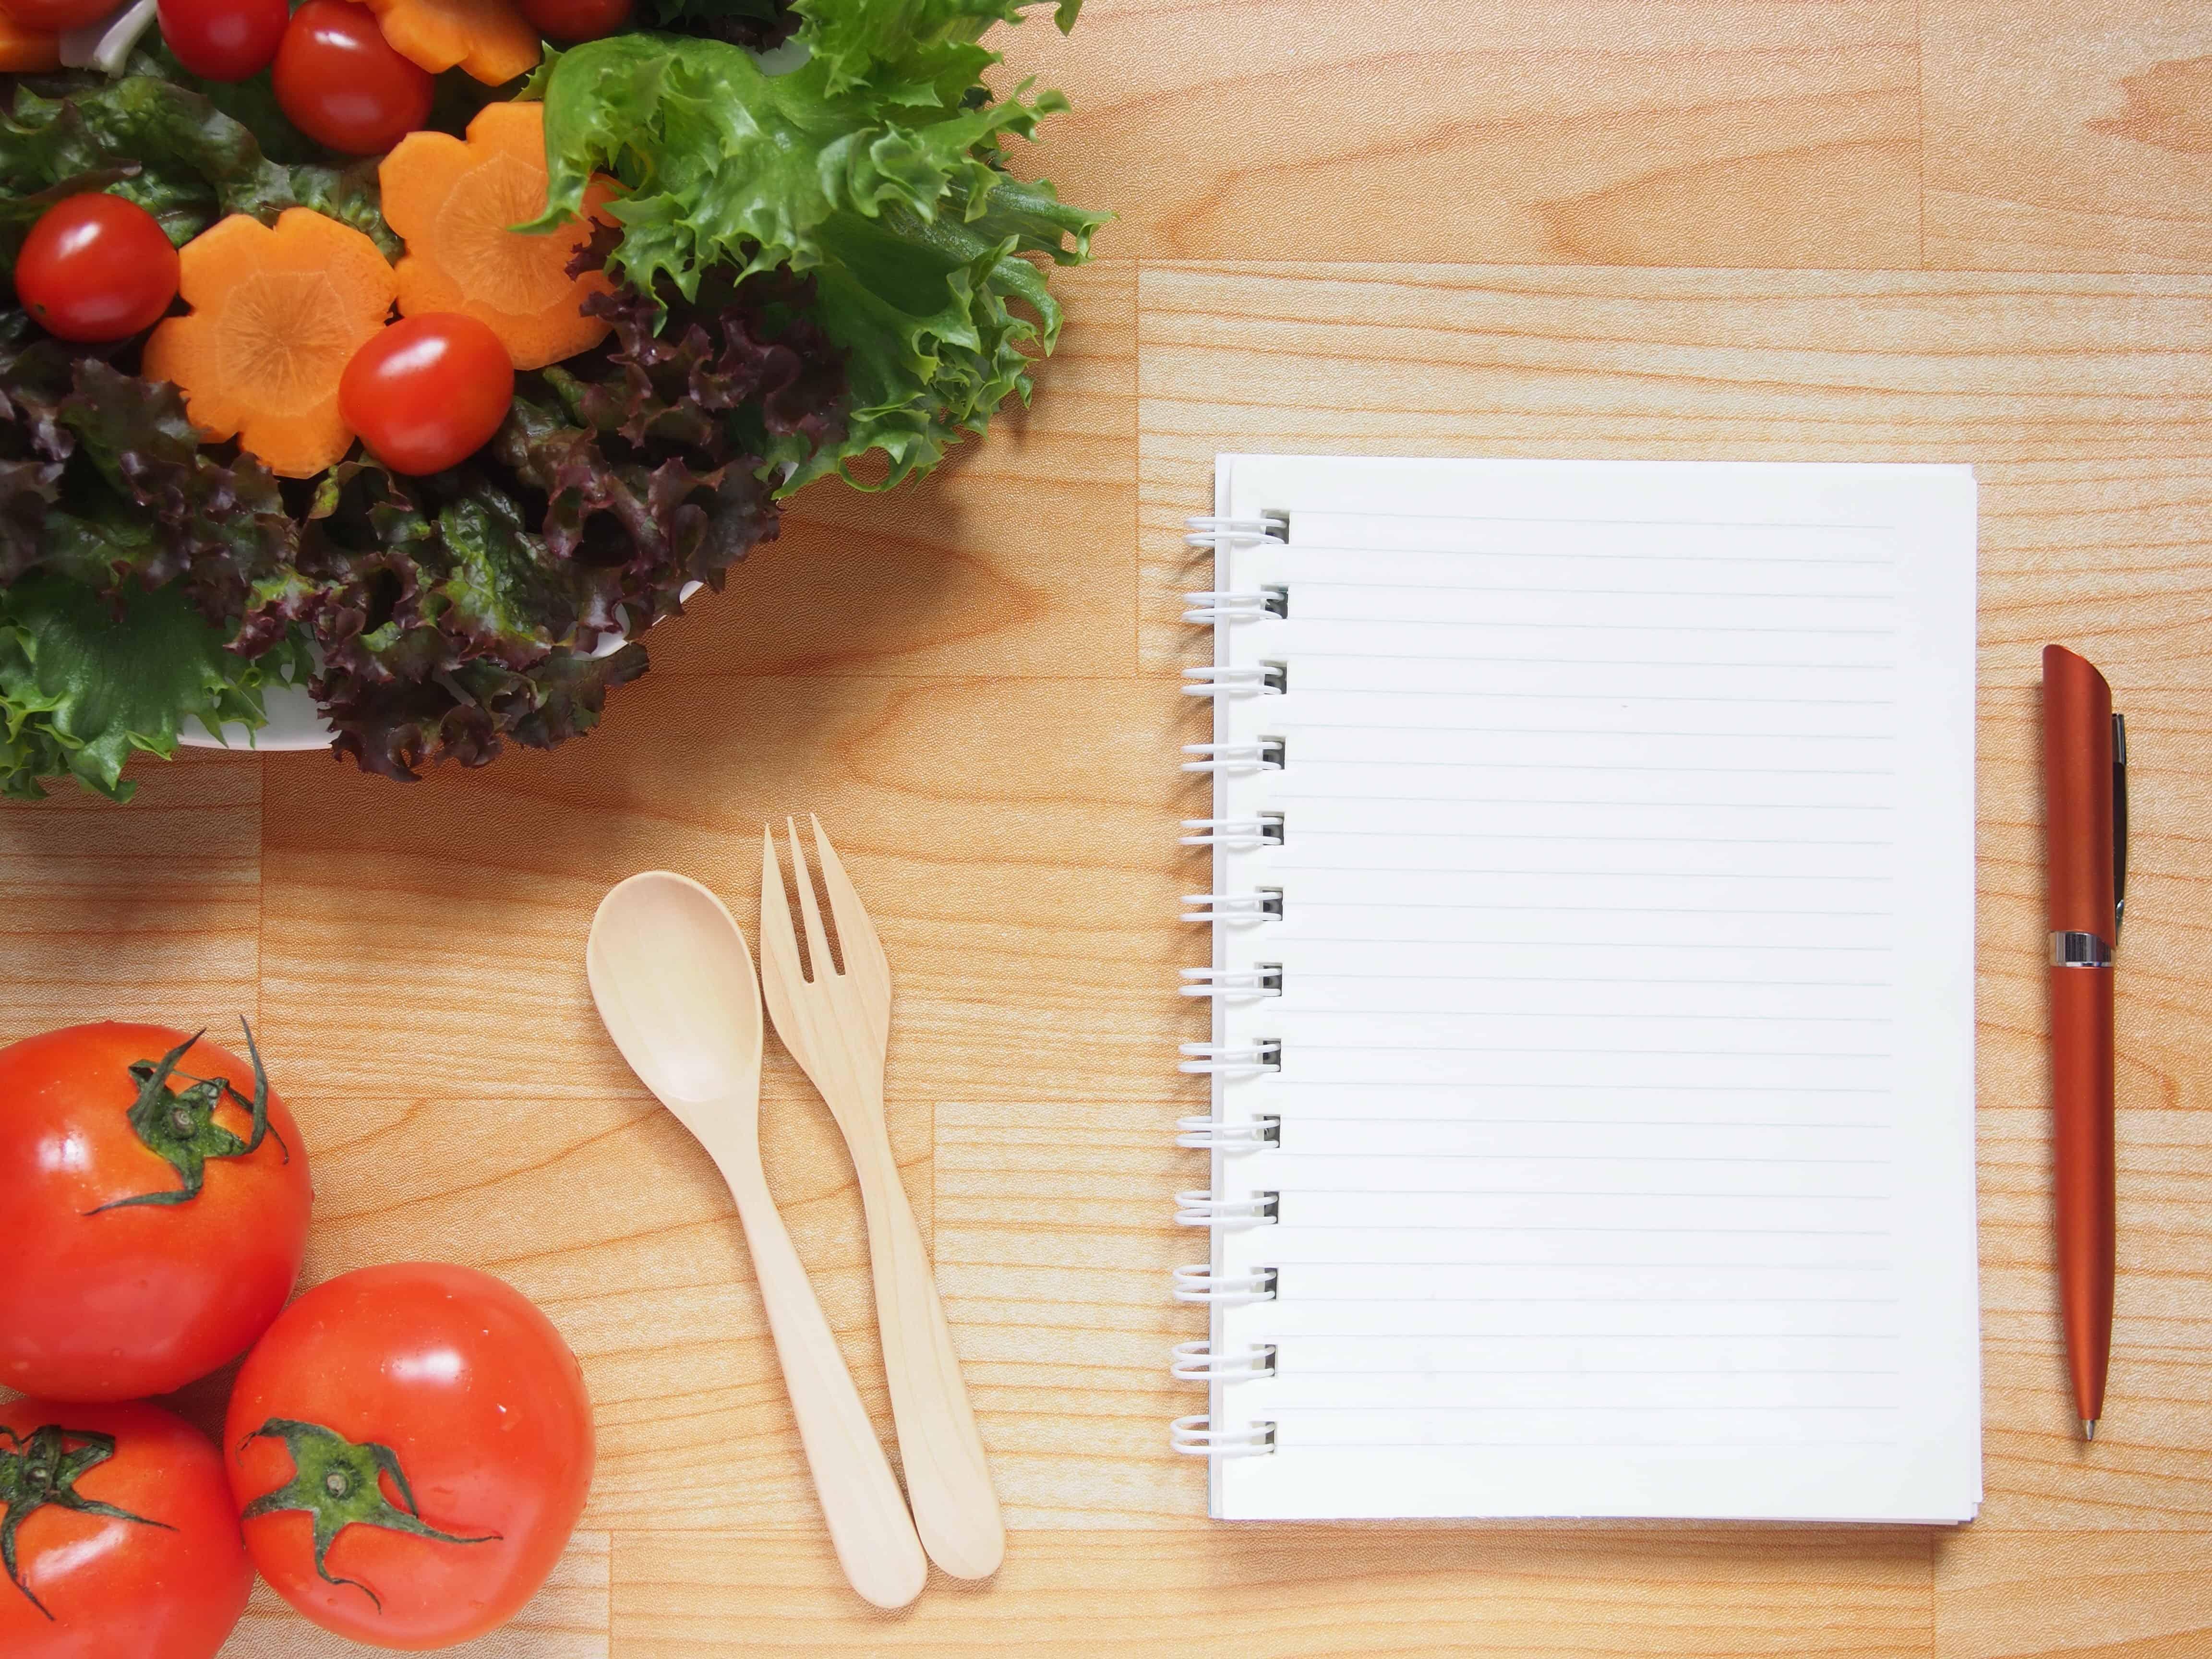 Holztisch mit gesundem frischem Gemüse und einem unbeschriebenen Ringblock mit Kuli daneben